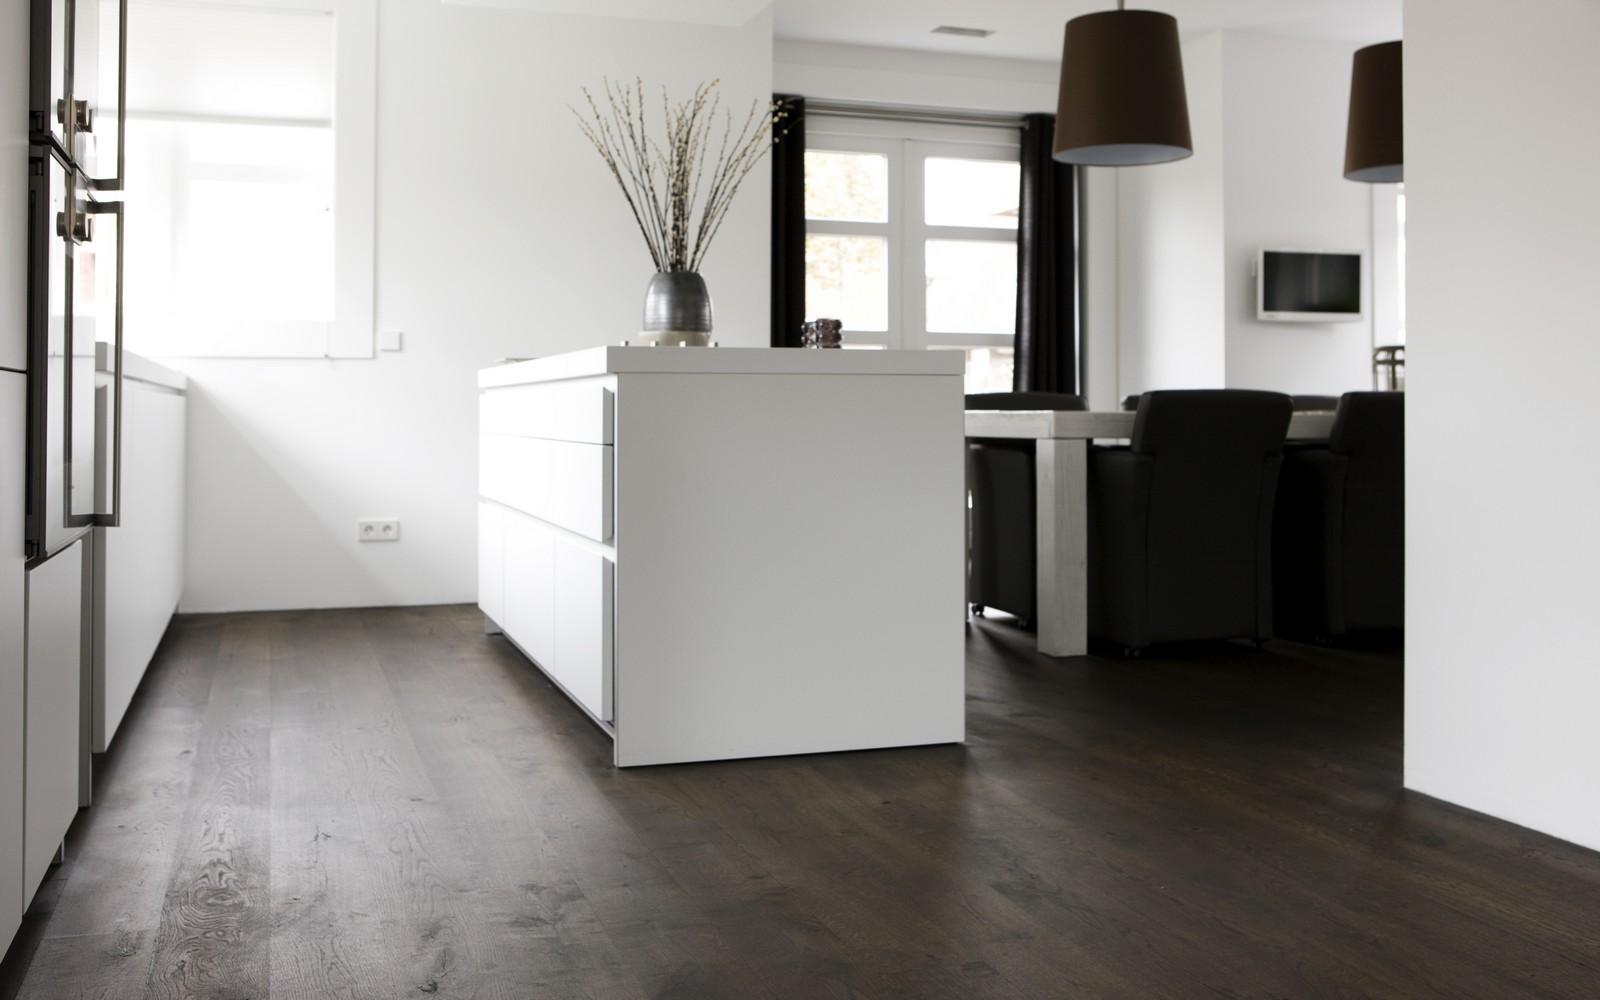 Keuken Badkamer Vloeren : Donkere vloer witte keuken thomas gaspersz